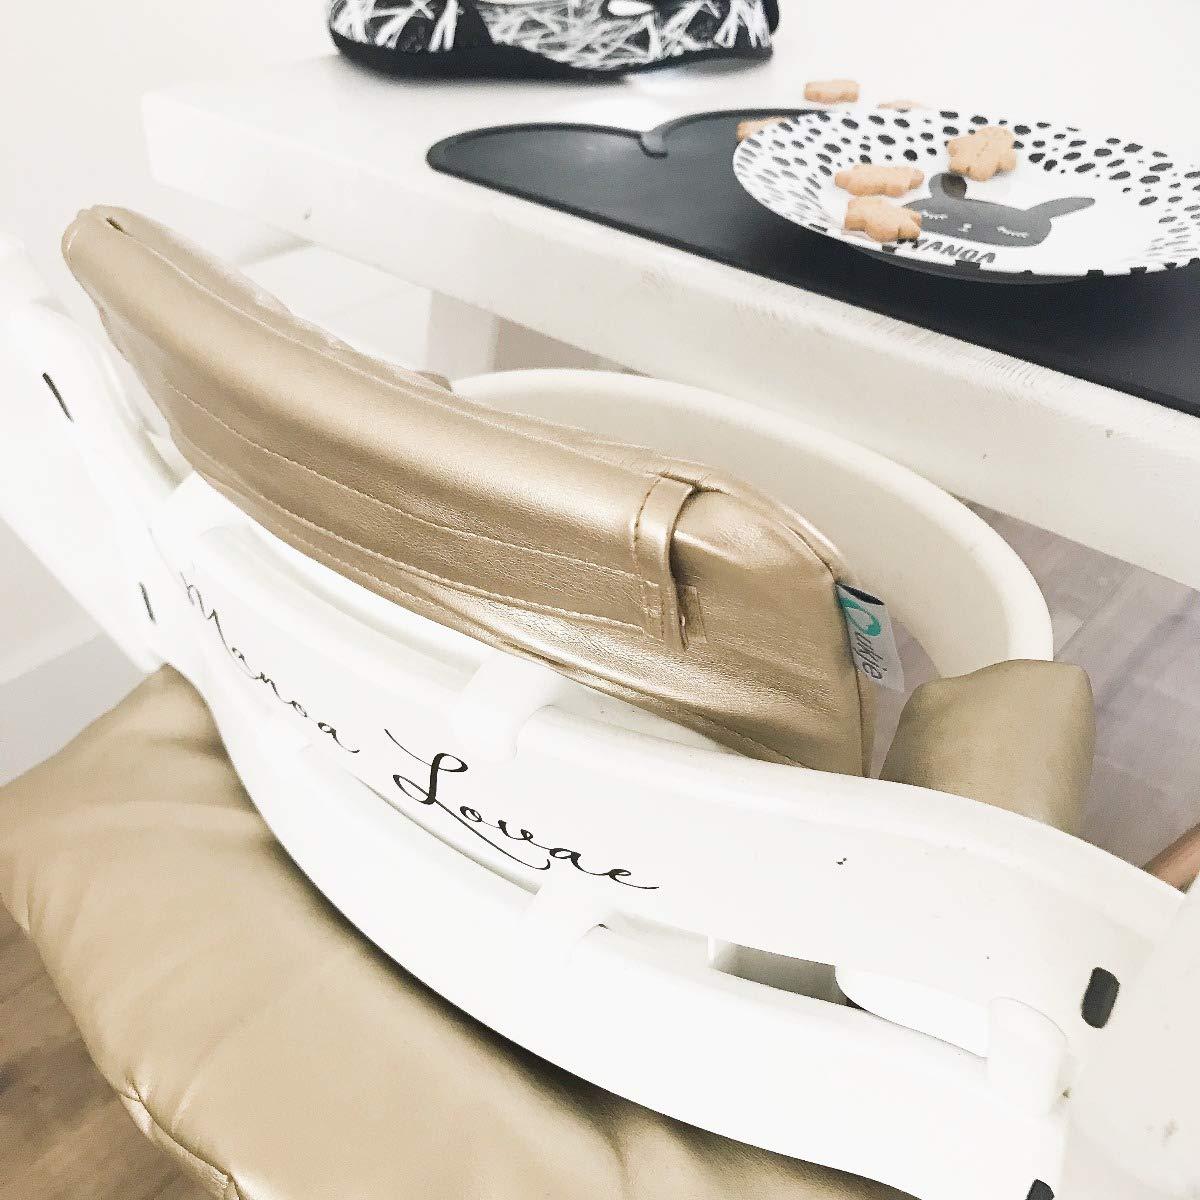 Sitzkissen Sitzverkleinerer Kissen von UKJE f/ür Stokke Tripp Trapp Beschichtet Praktisch und dick gepolstert Gr/ün Flamingo Maschinenwaschbar 2-teilig /Öko-Tex Baumwolle